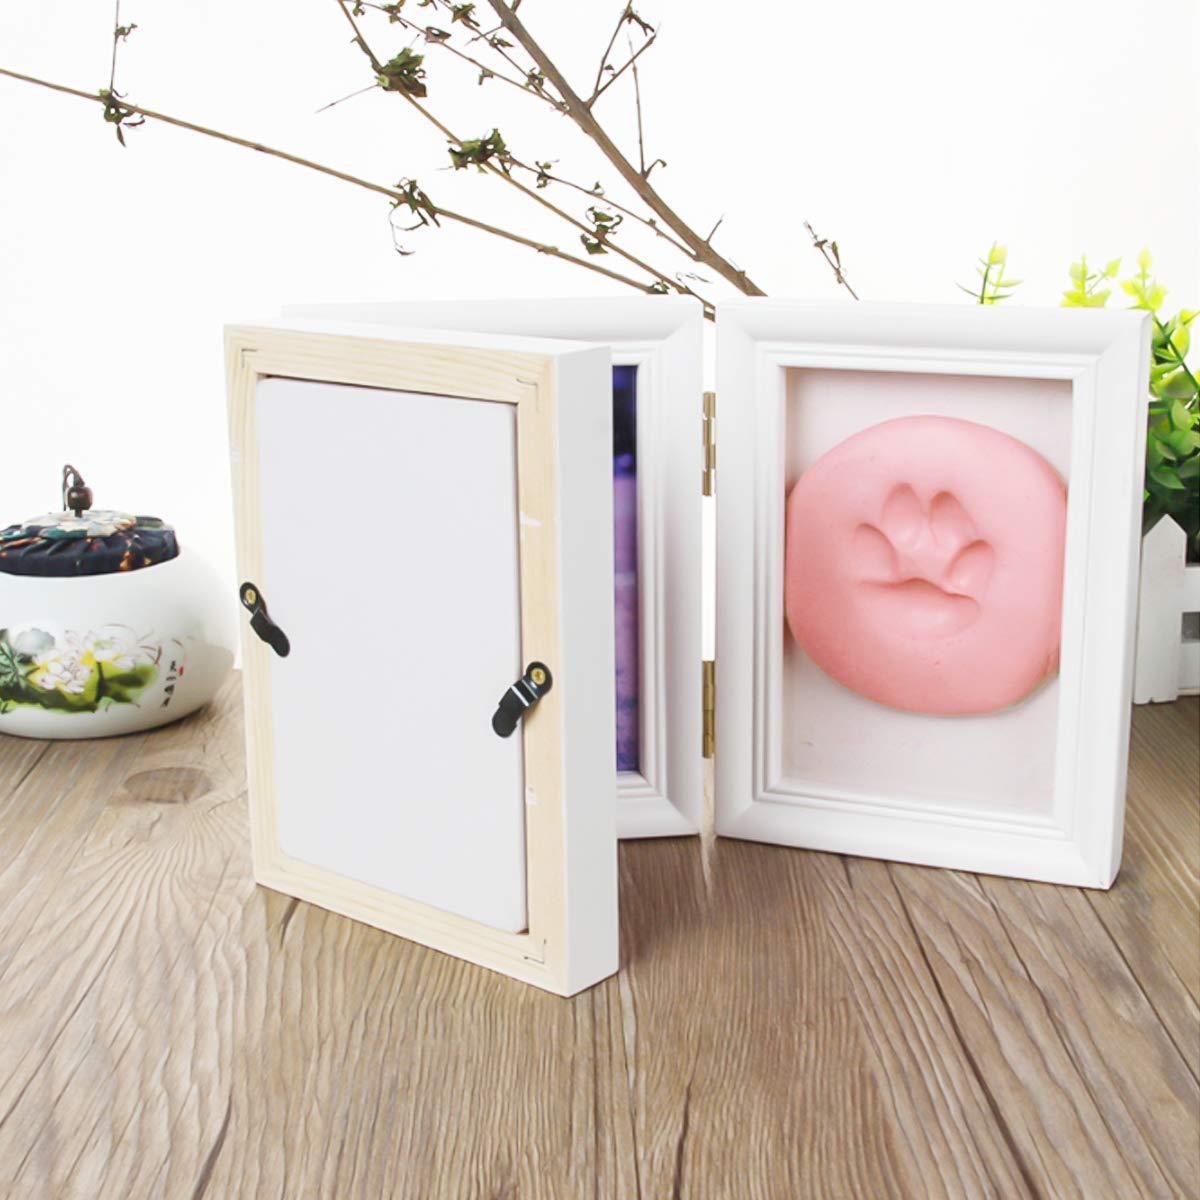 Handabdruck Baby-Party Geschenk zum Geburtstag Haustier Pfotenabdruck f/ür Neugeborene Fu/ßabdruck Bilderrahmen f/ür Neugeborene